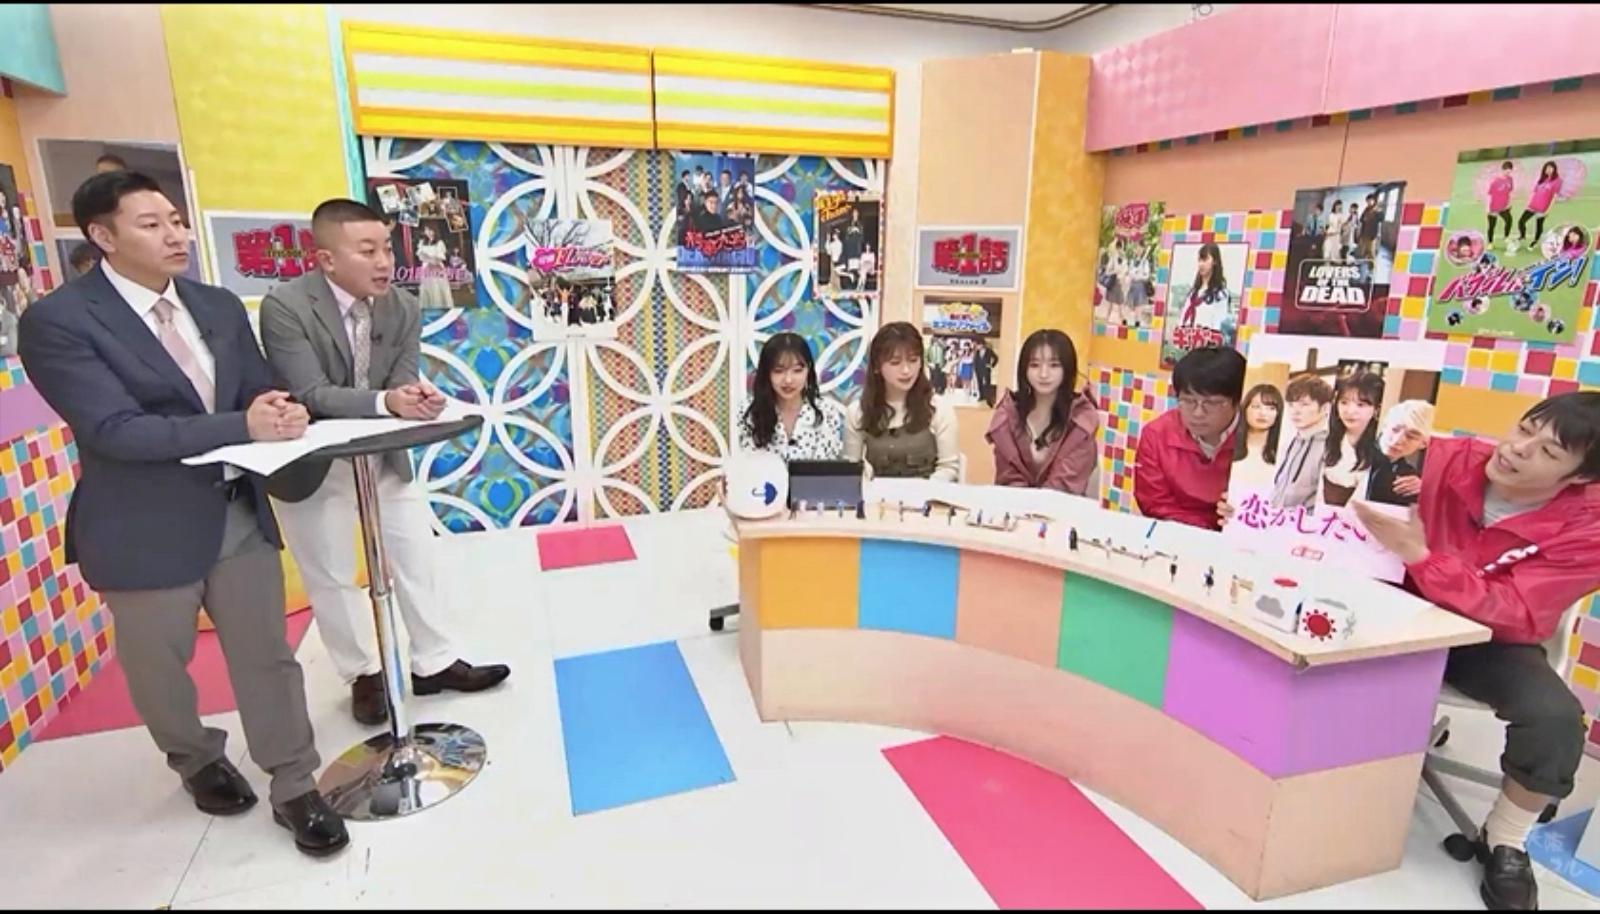 【NMB48】3月19日に配信された「第1話 シーズン2 事前番組」の画像。